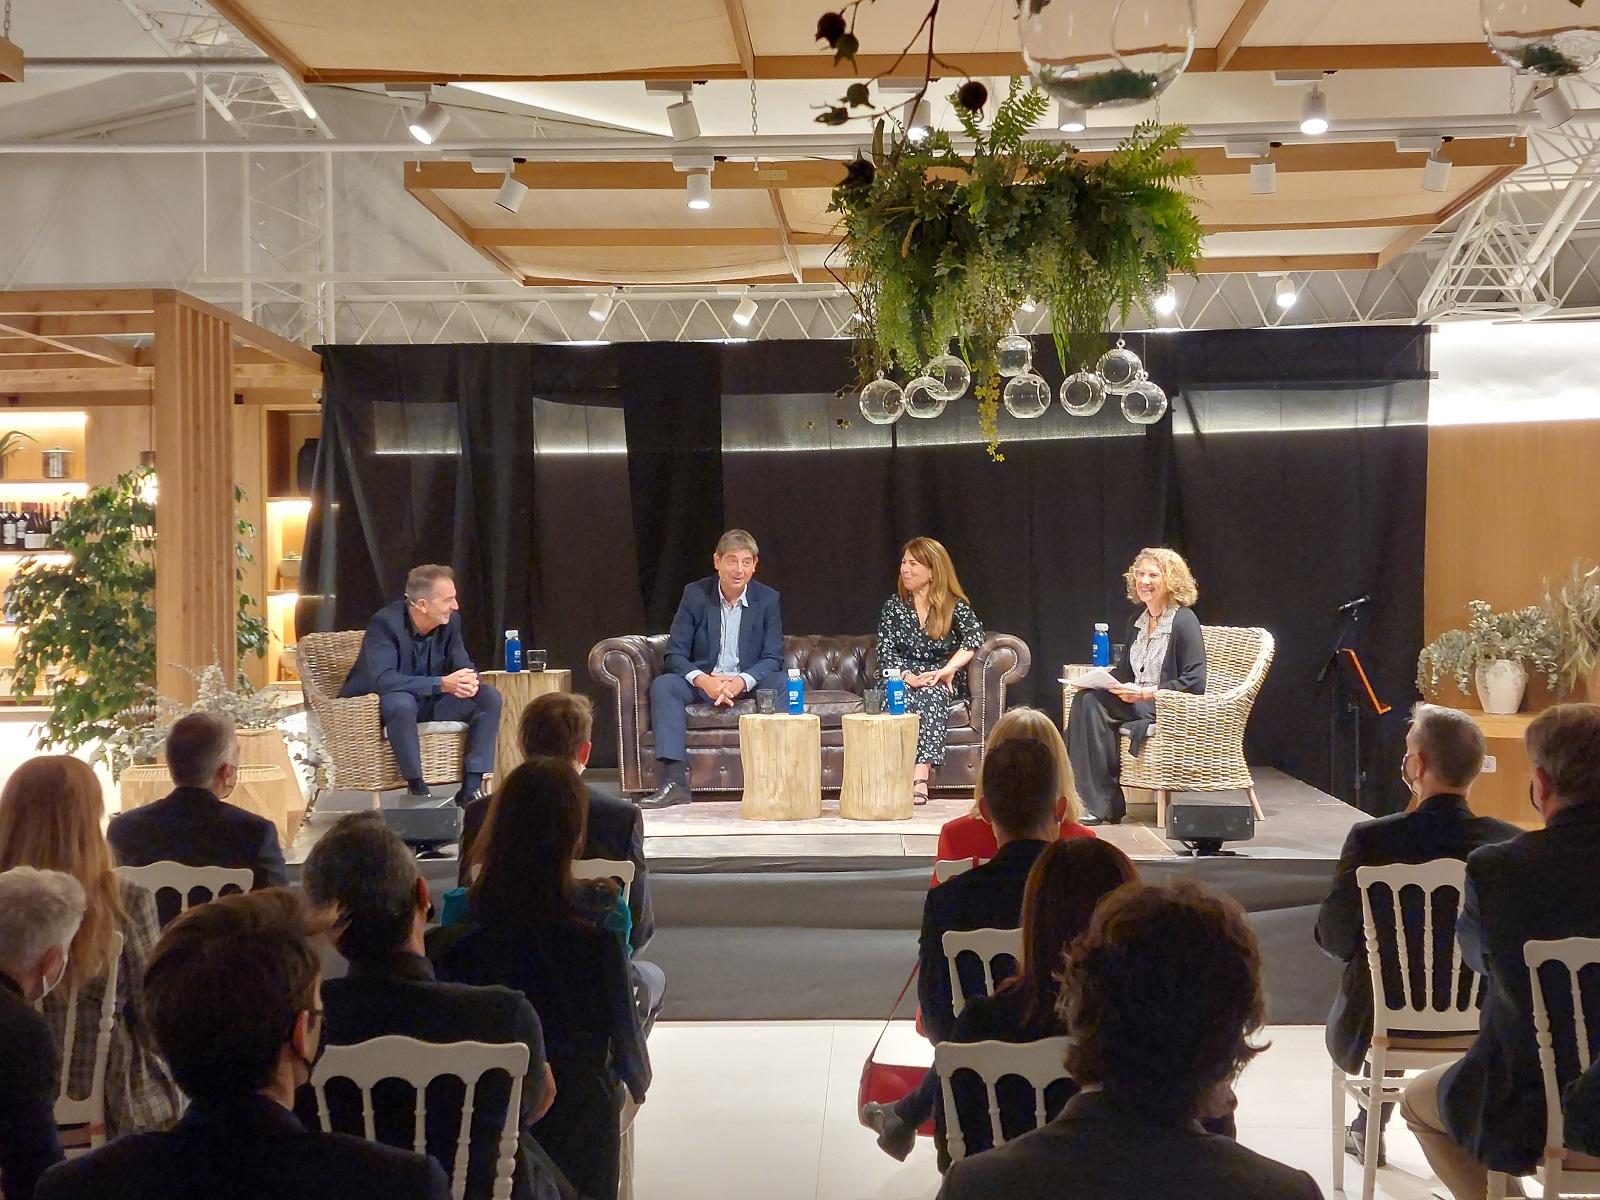 La nova edició de Converses debat sobre el paper de la cultura com a dinamitzador de l'economia